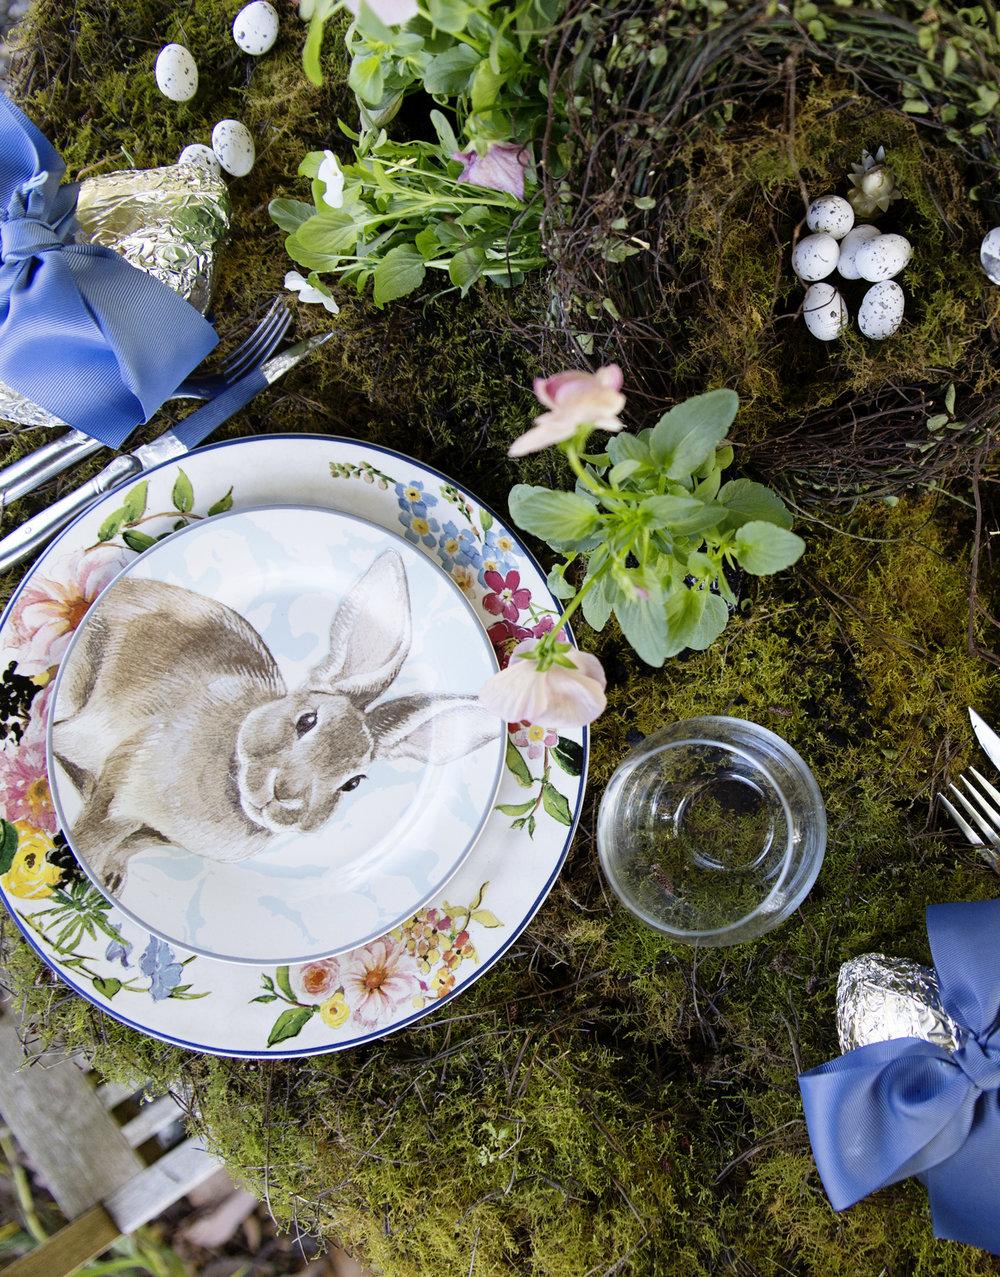 Chyka+Easter+110.jpg